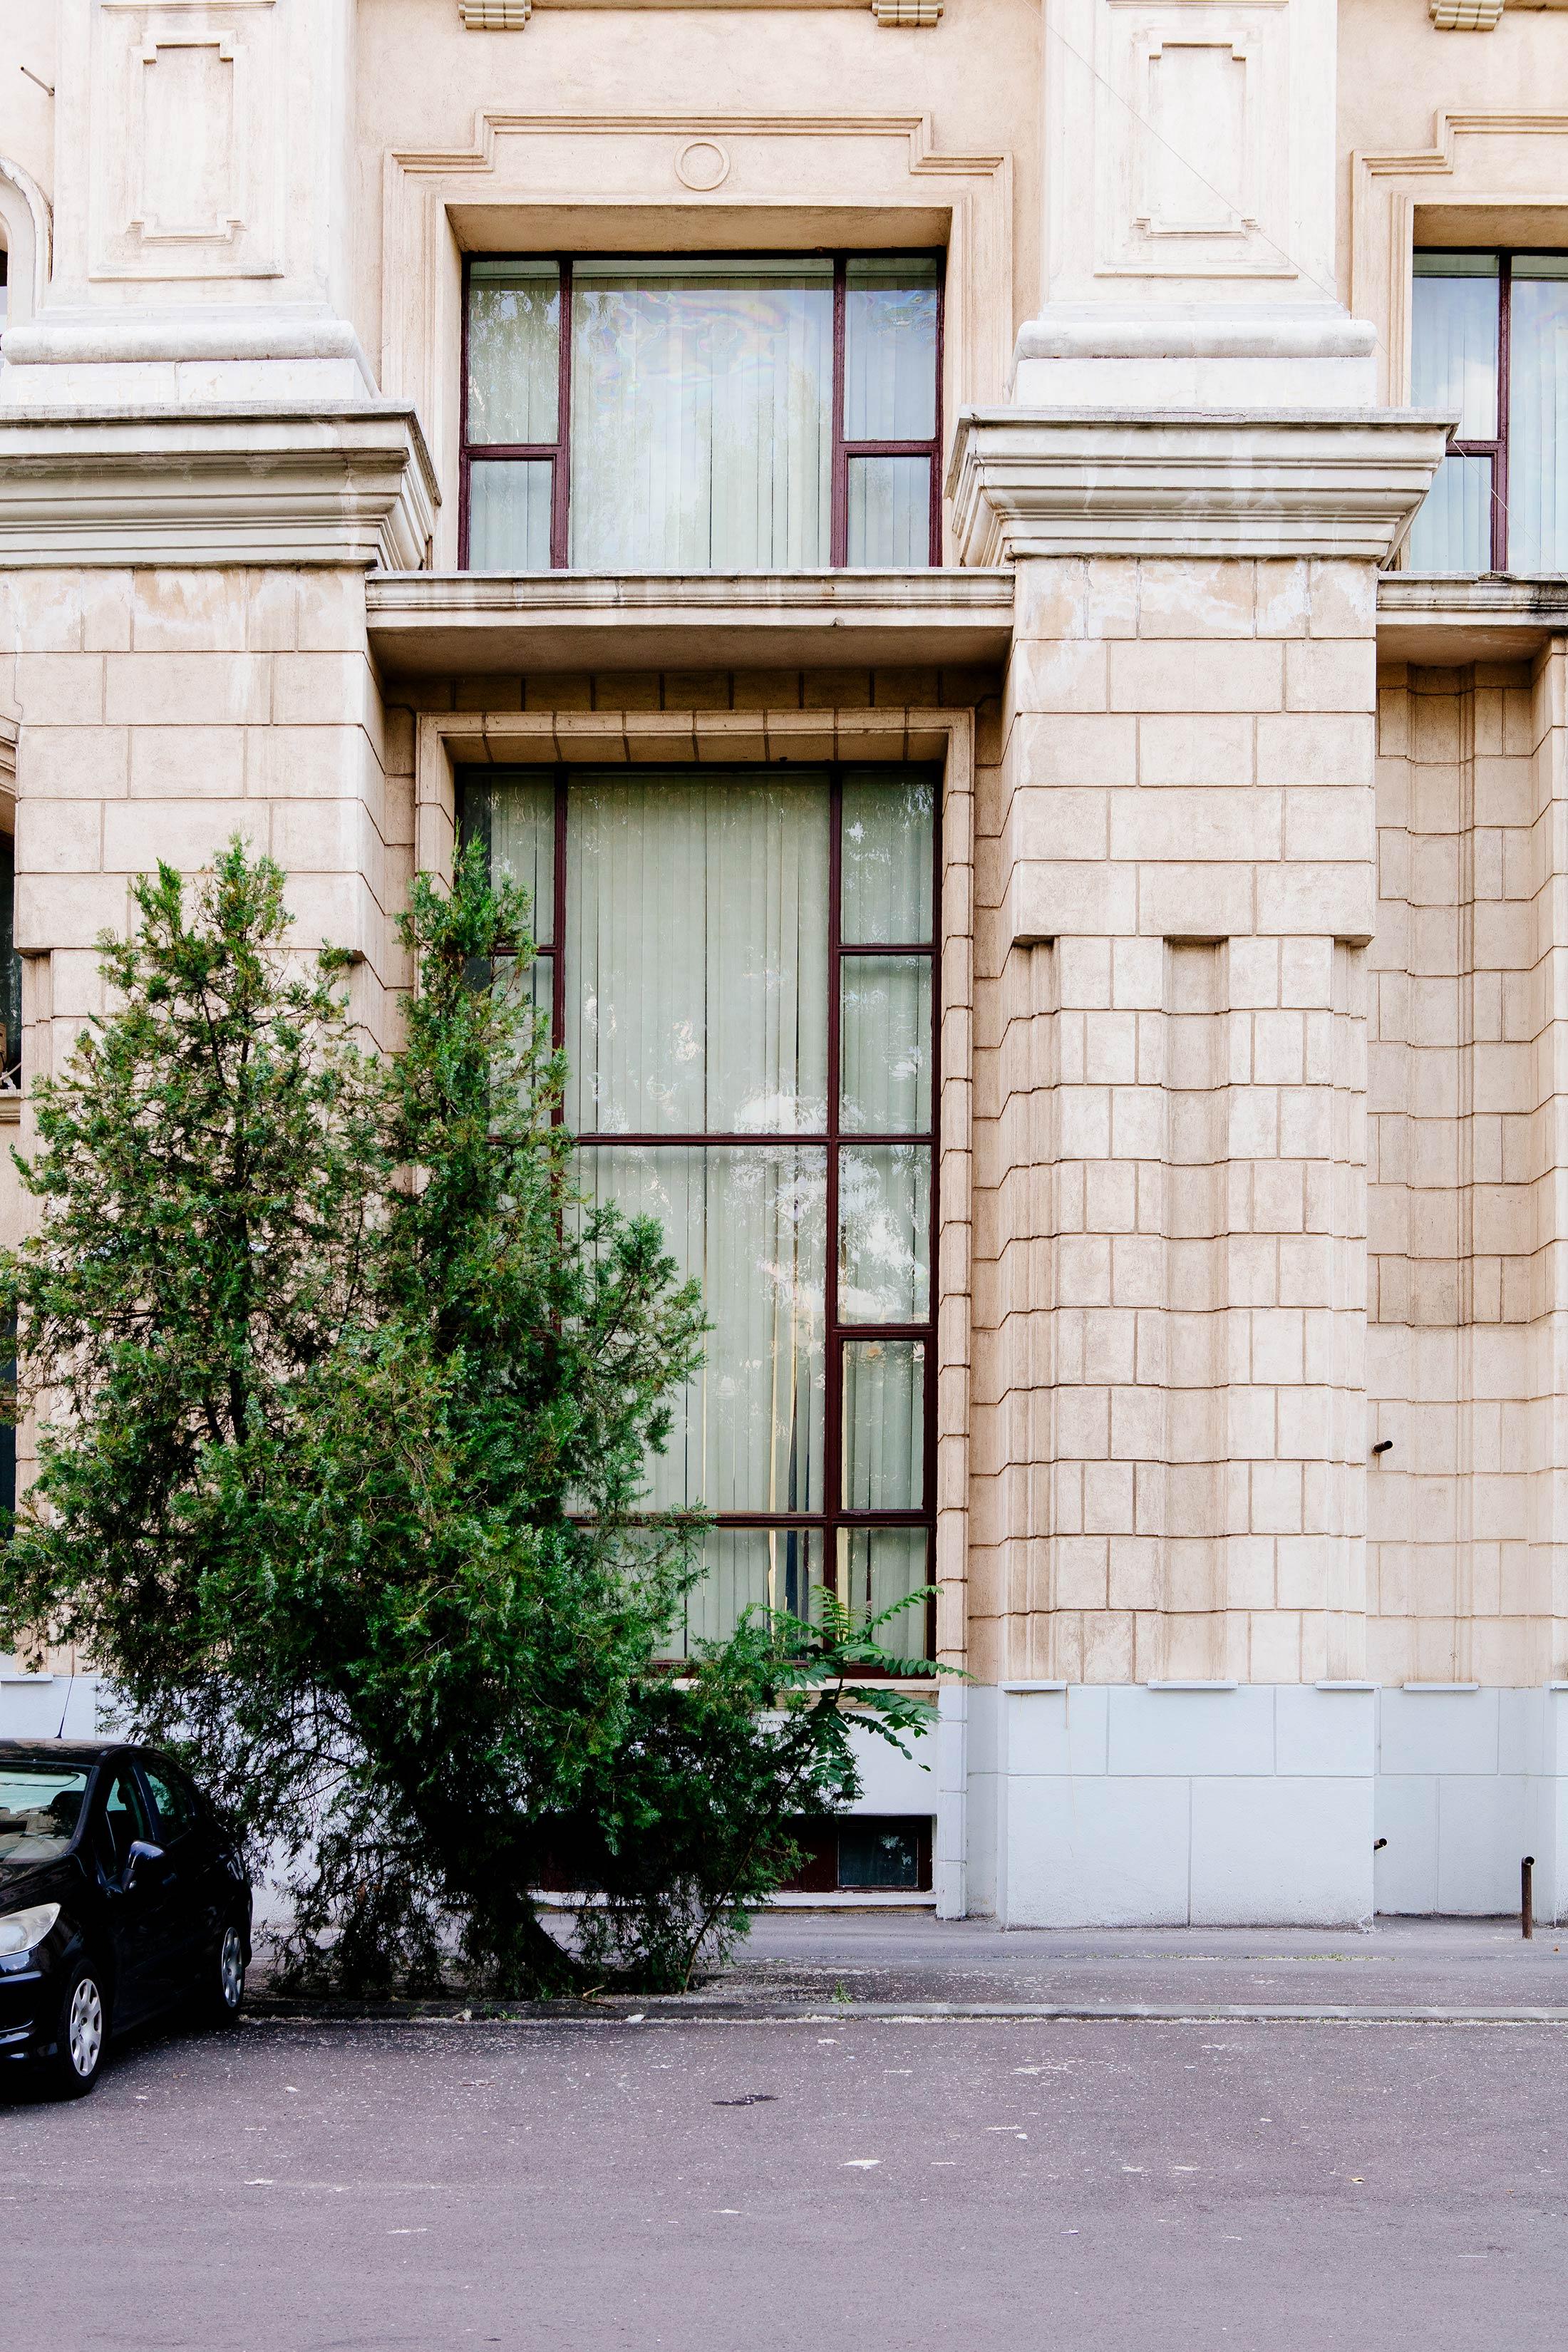 BKR_Bukarest_05-Mitja_Schneehage